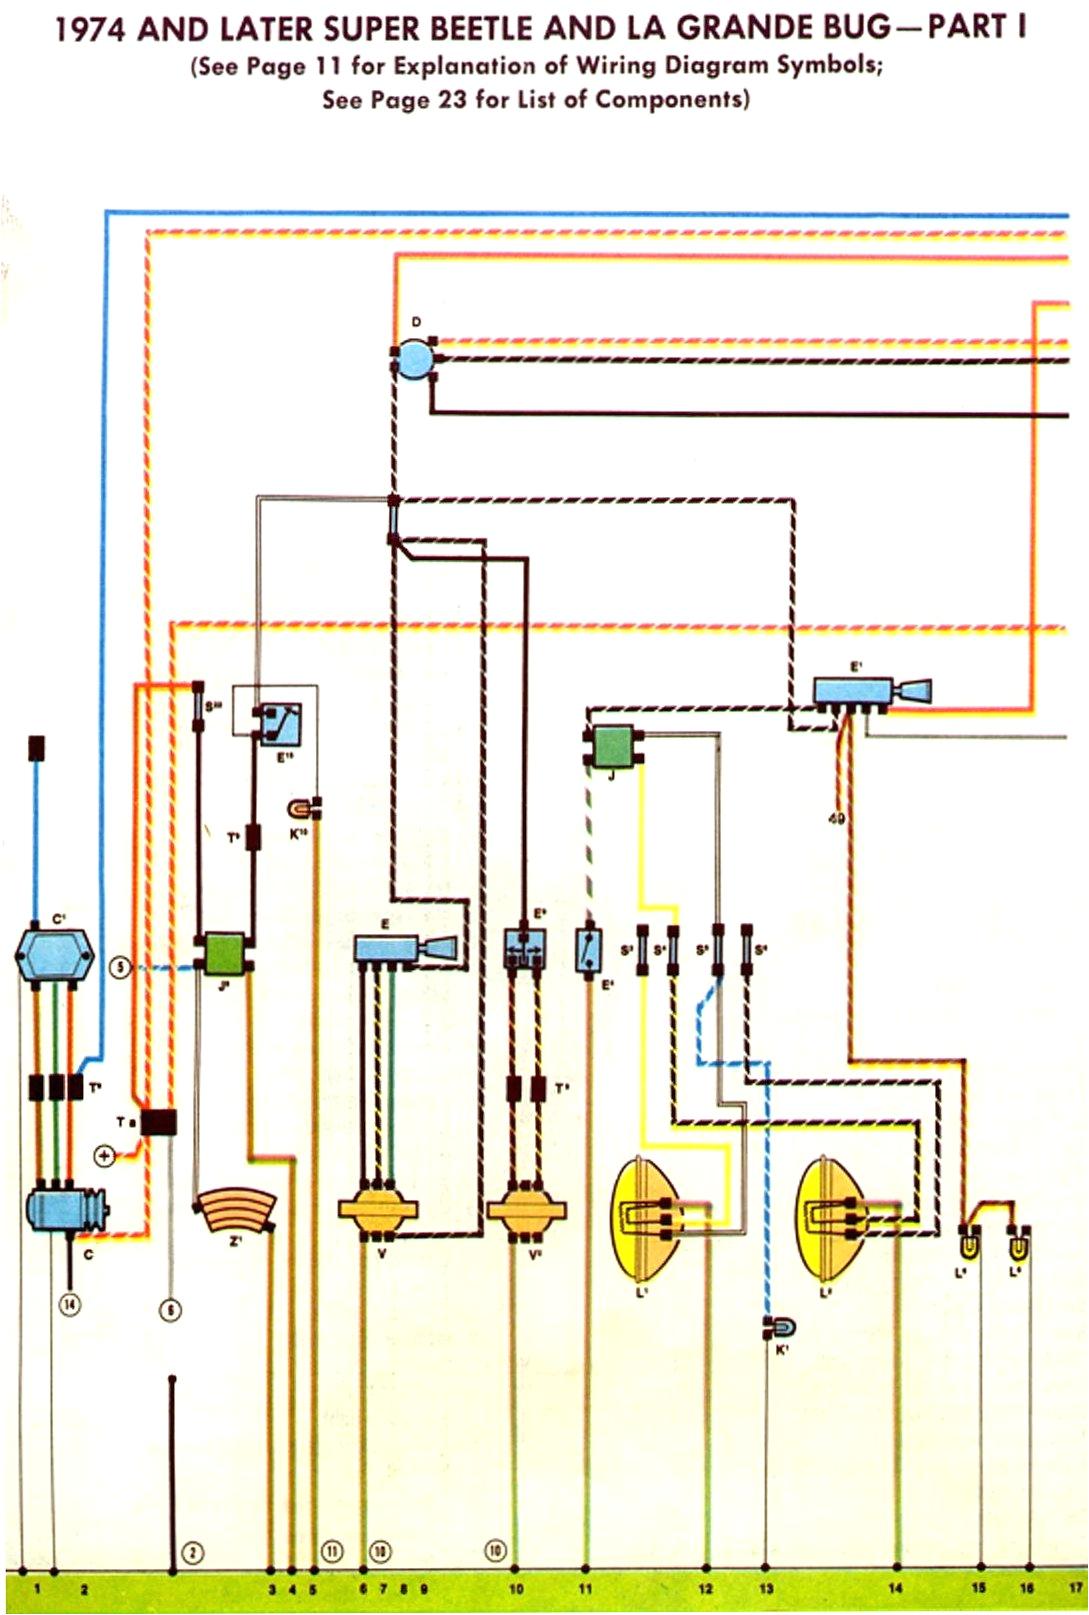 1974 volkswagen beetle ecm wiring schematic diagram database